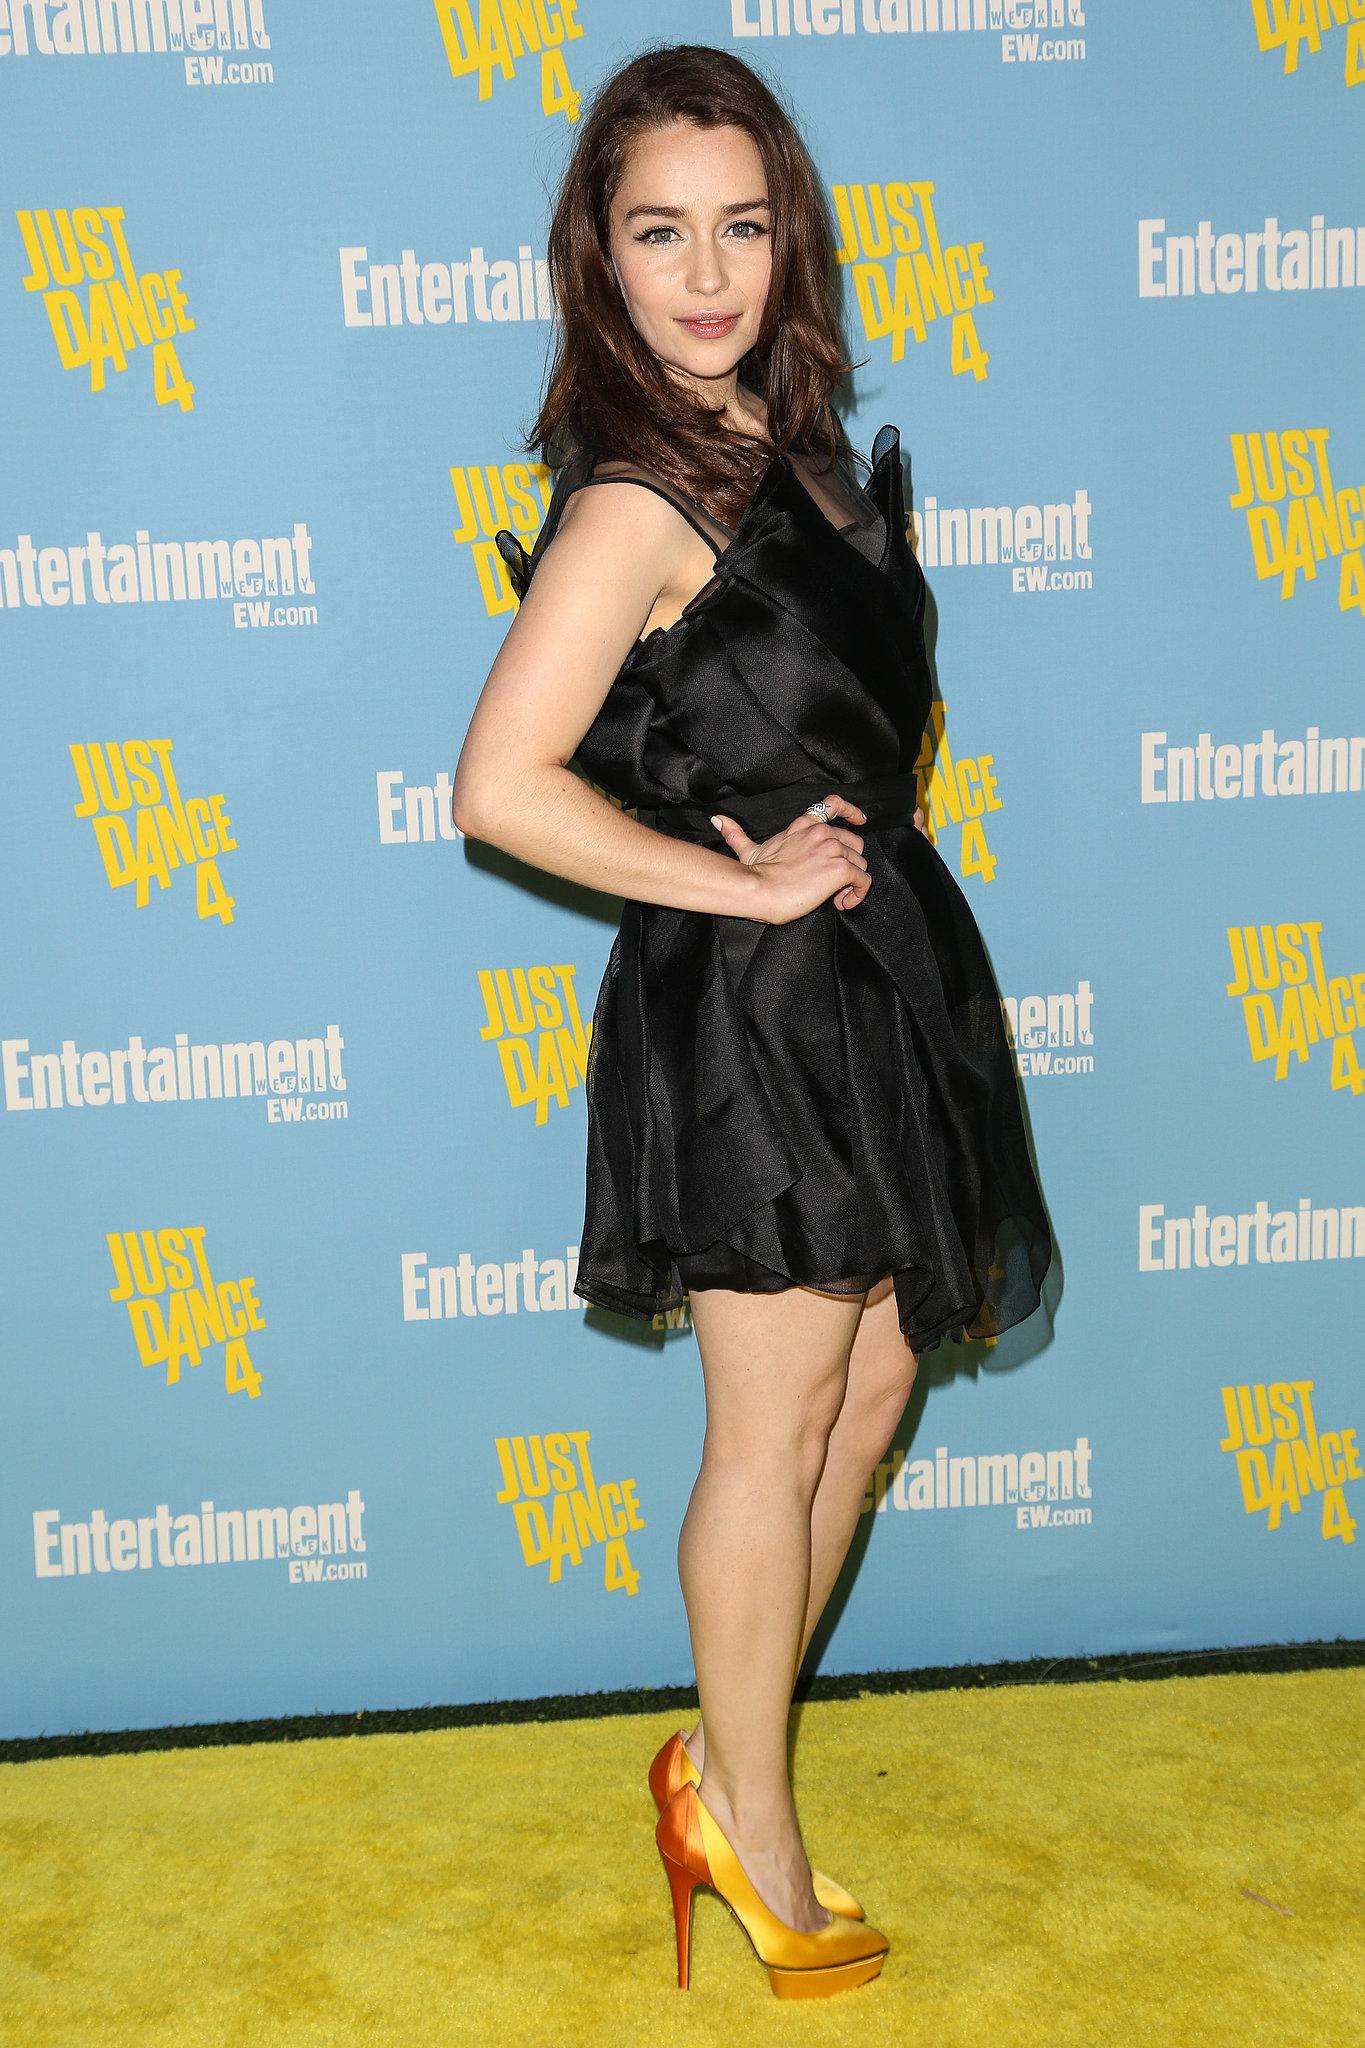 Emilia Clarke 2011